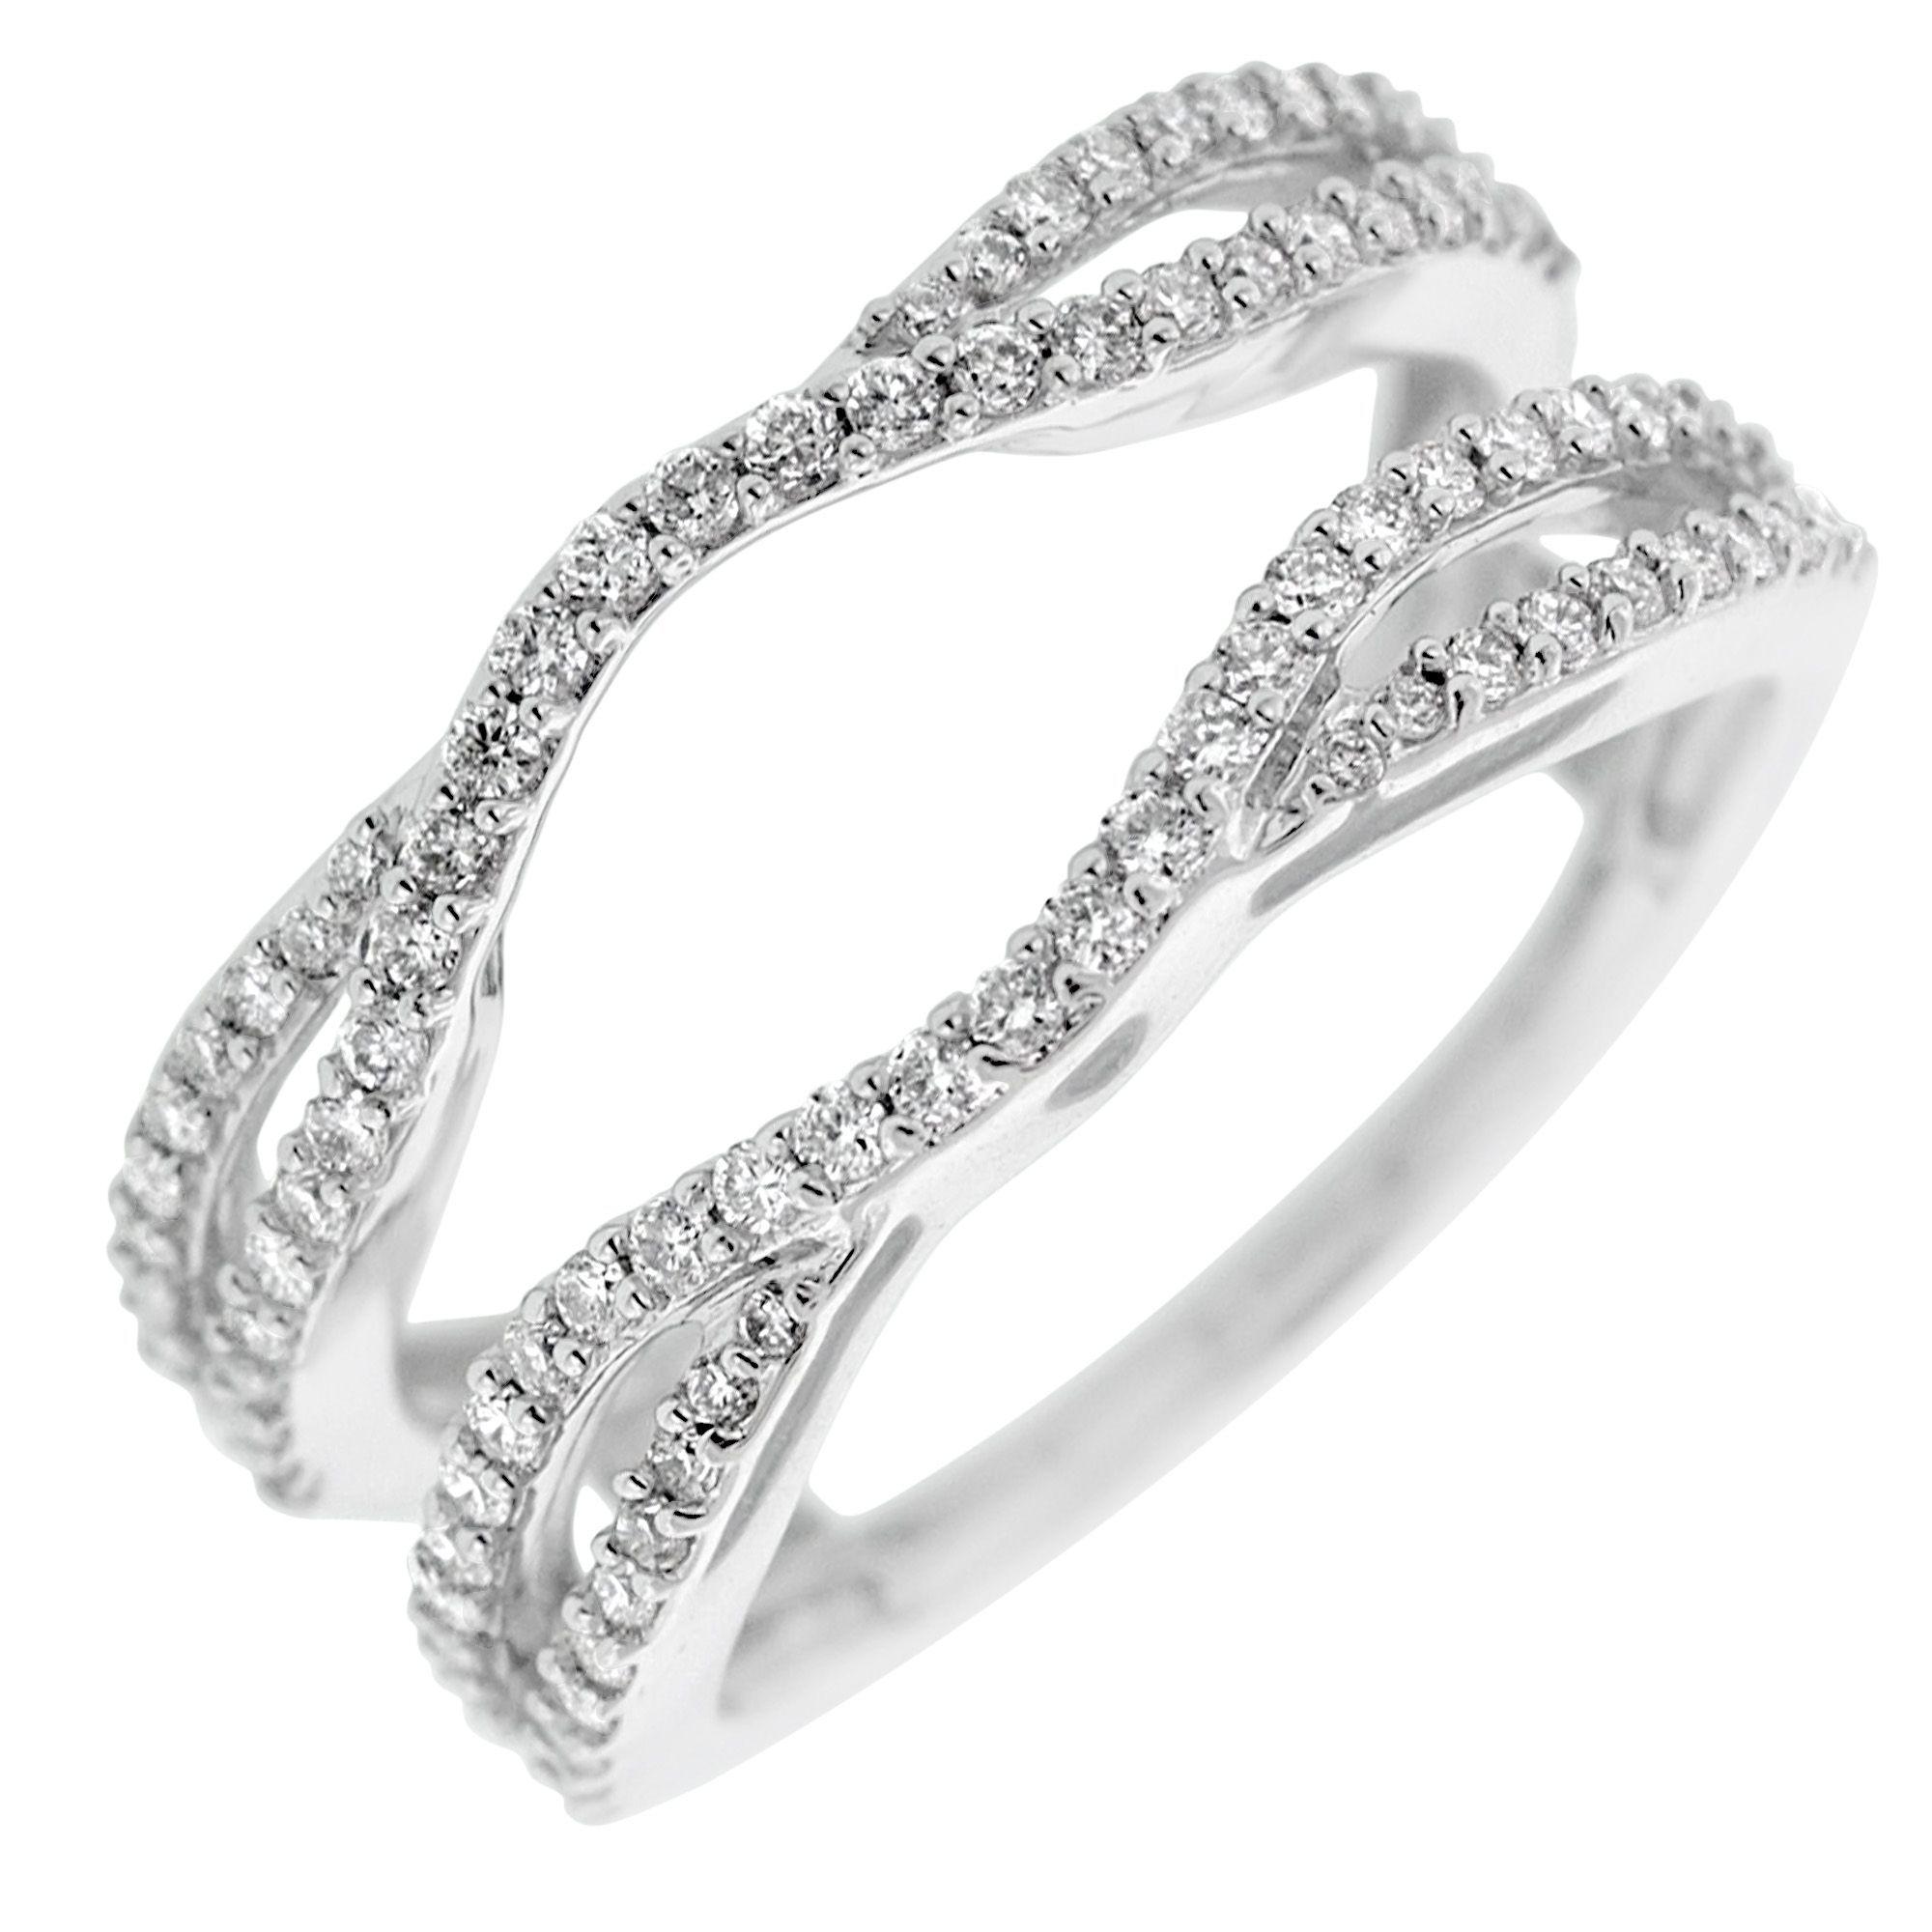 Diamond Wedding Ring Insert In 14kt White Gold 1 2ct Tw Diamond Wedding Bands Wedding Rings Diamond Wedding Rings